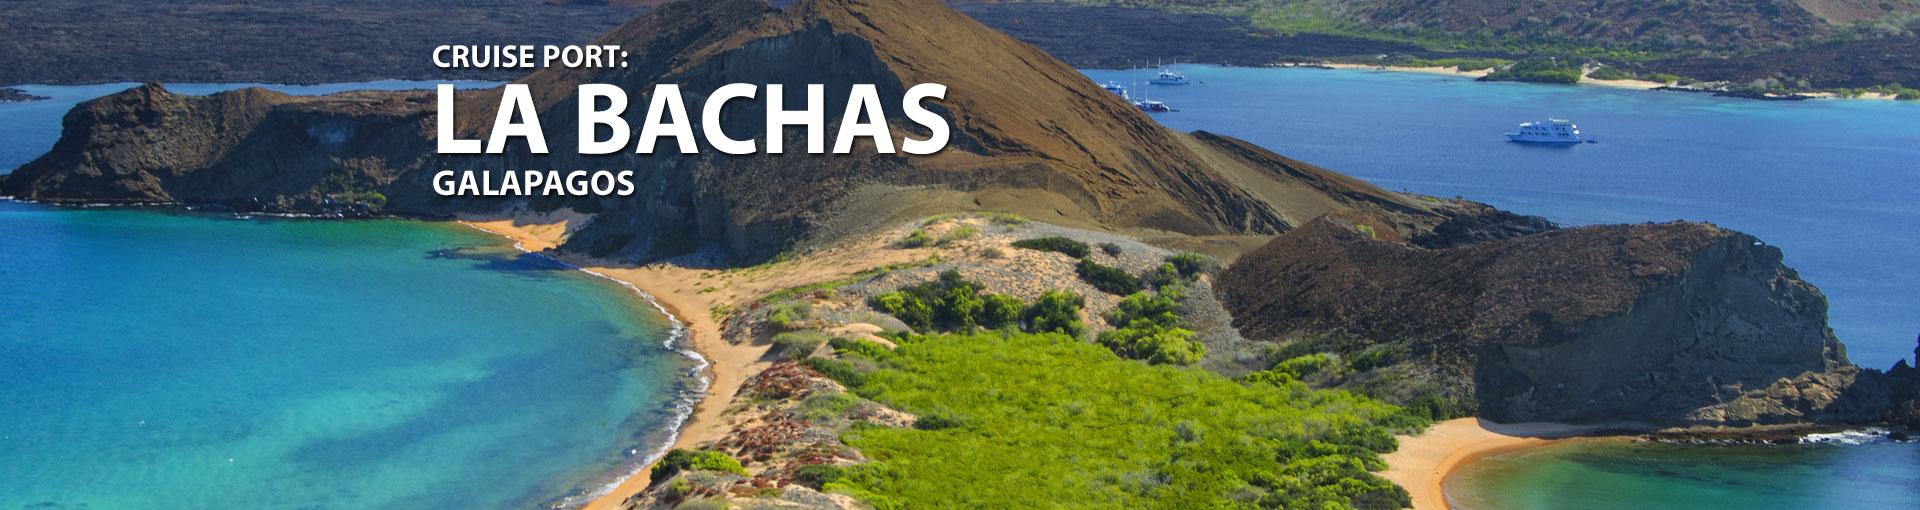 Cruises to Las Bachas, Ecuador